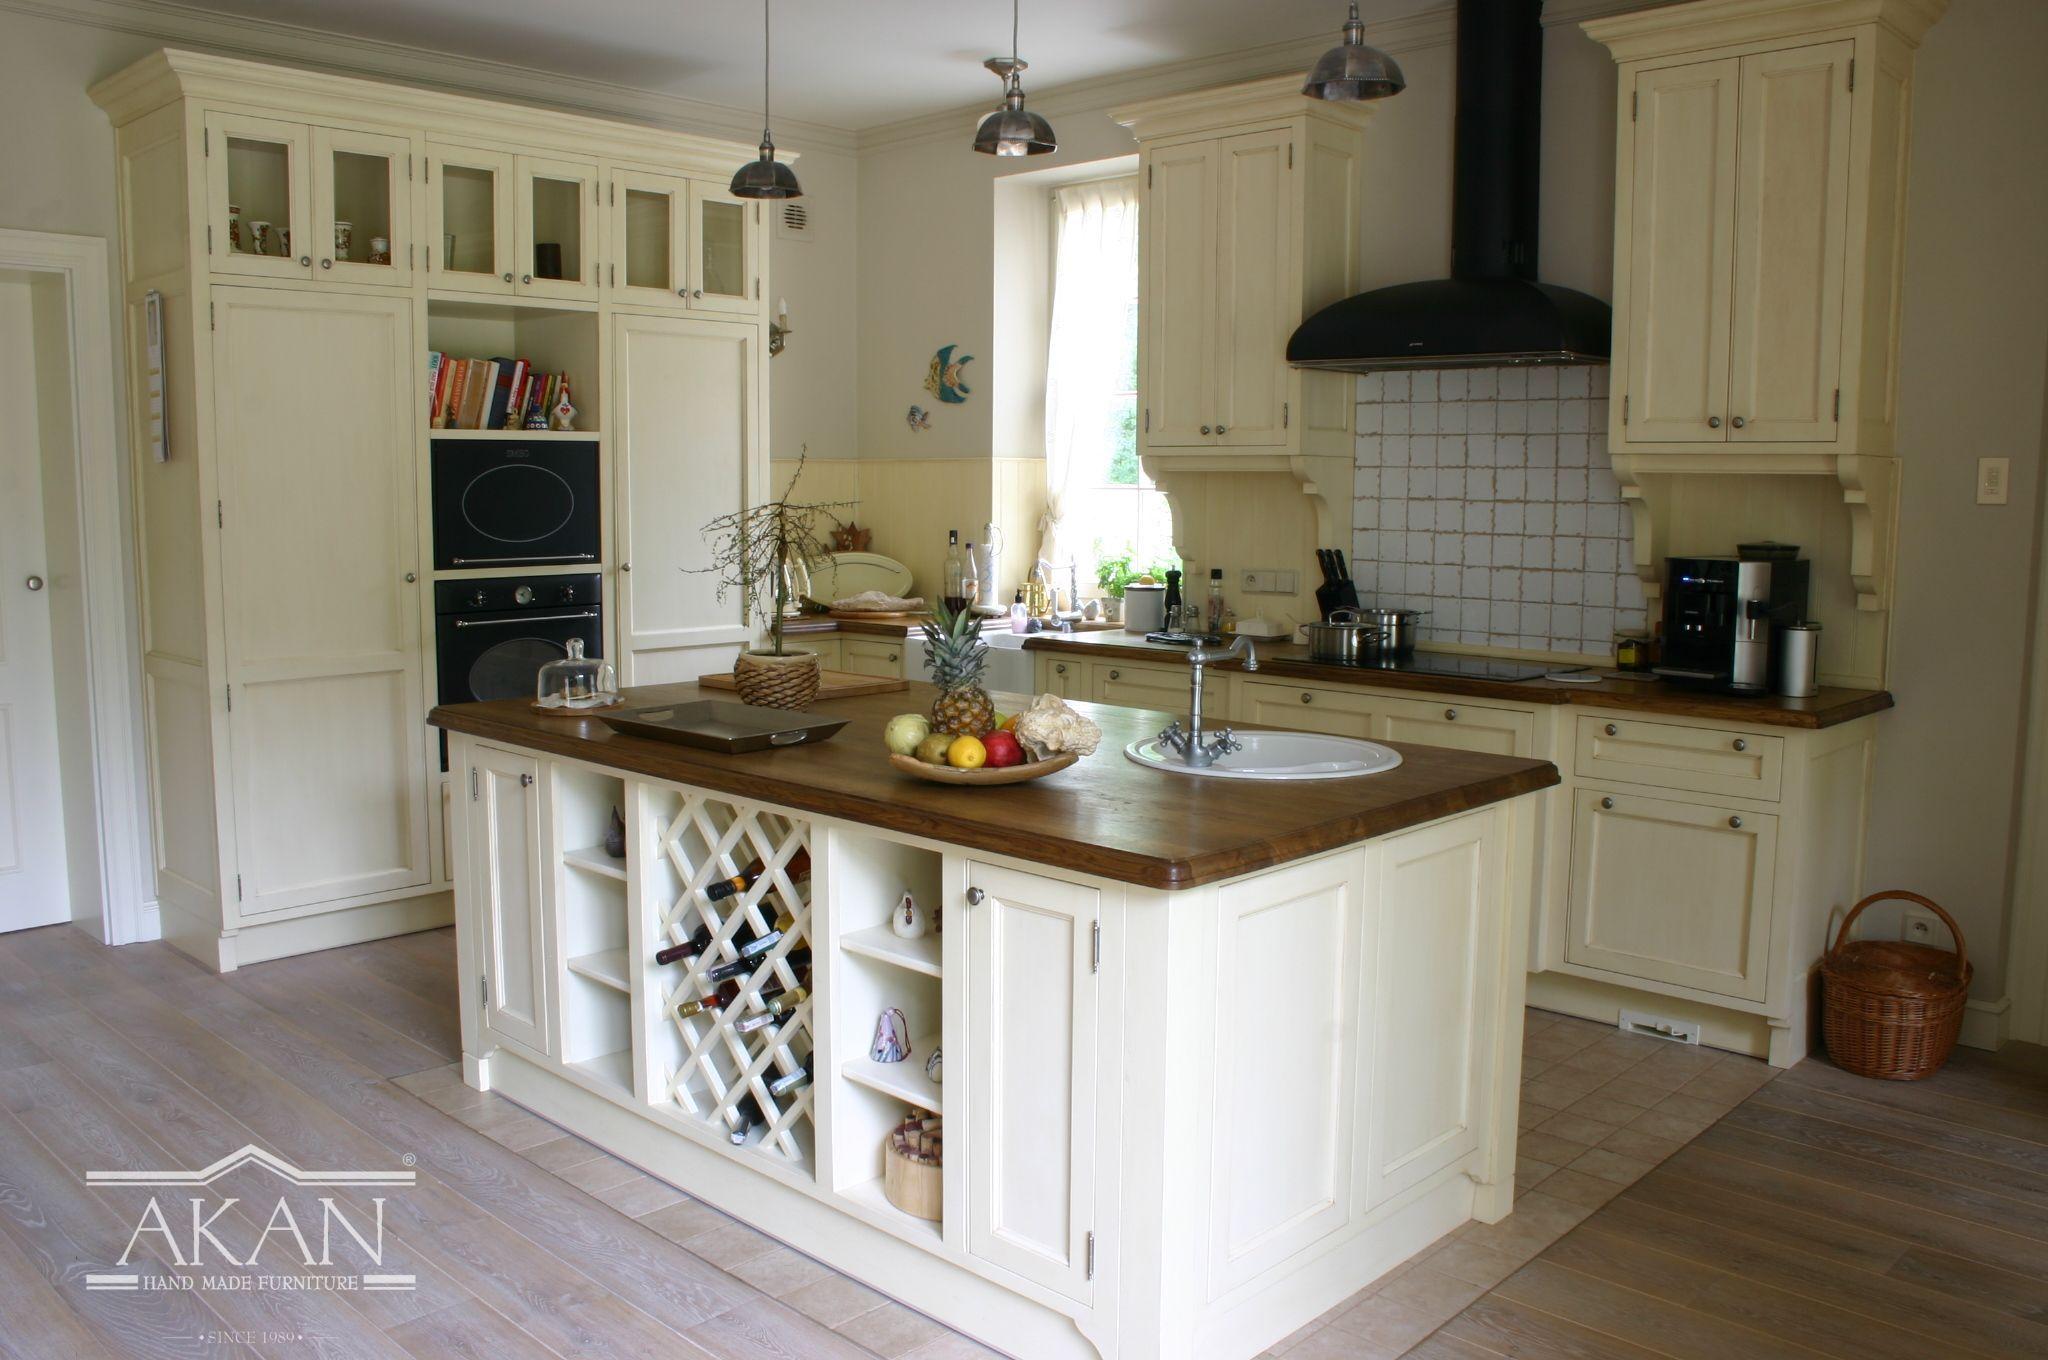 Pin By Bak Elzbieta On Kuchnie Kitchen Home Home Decor